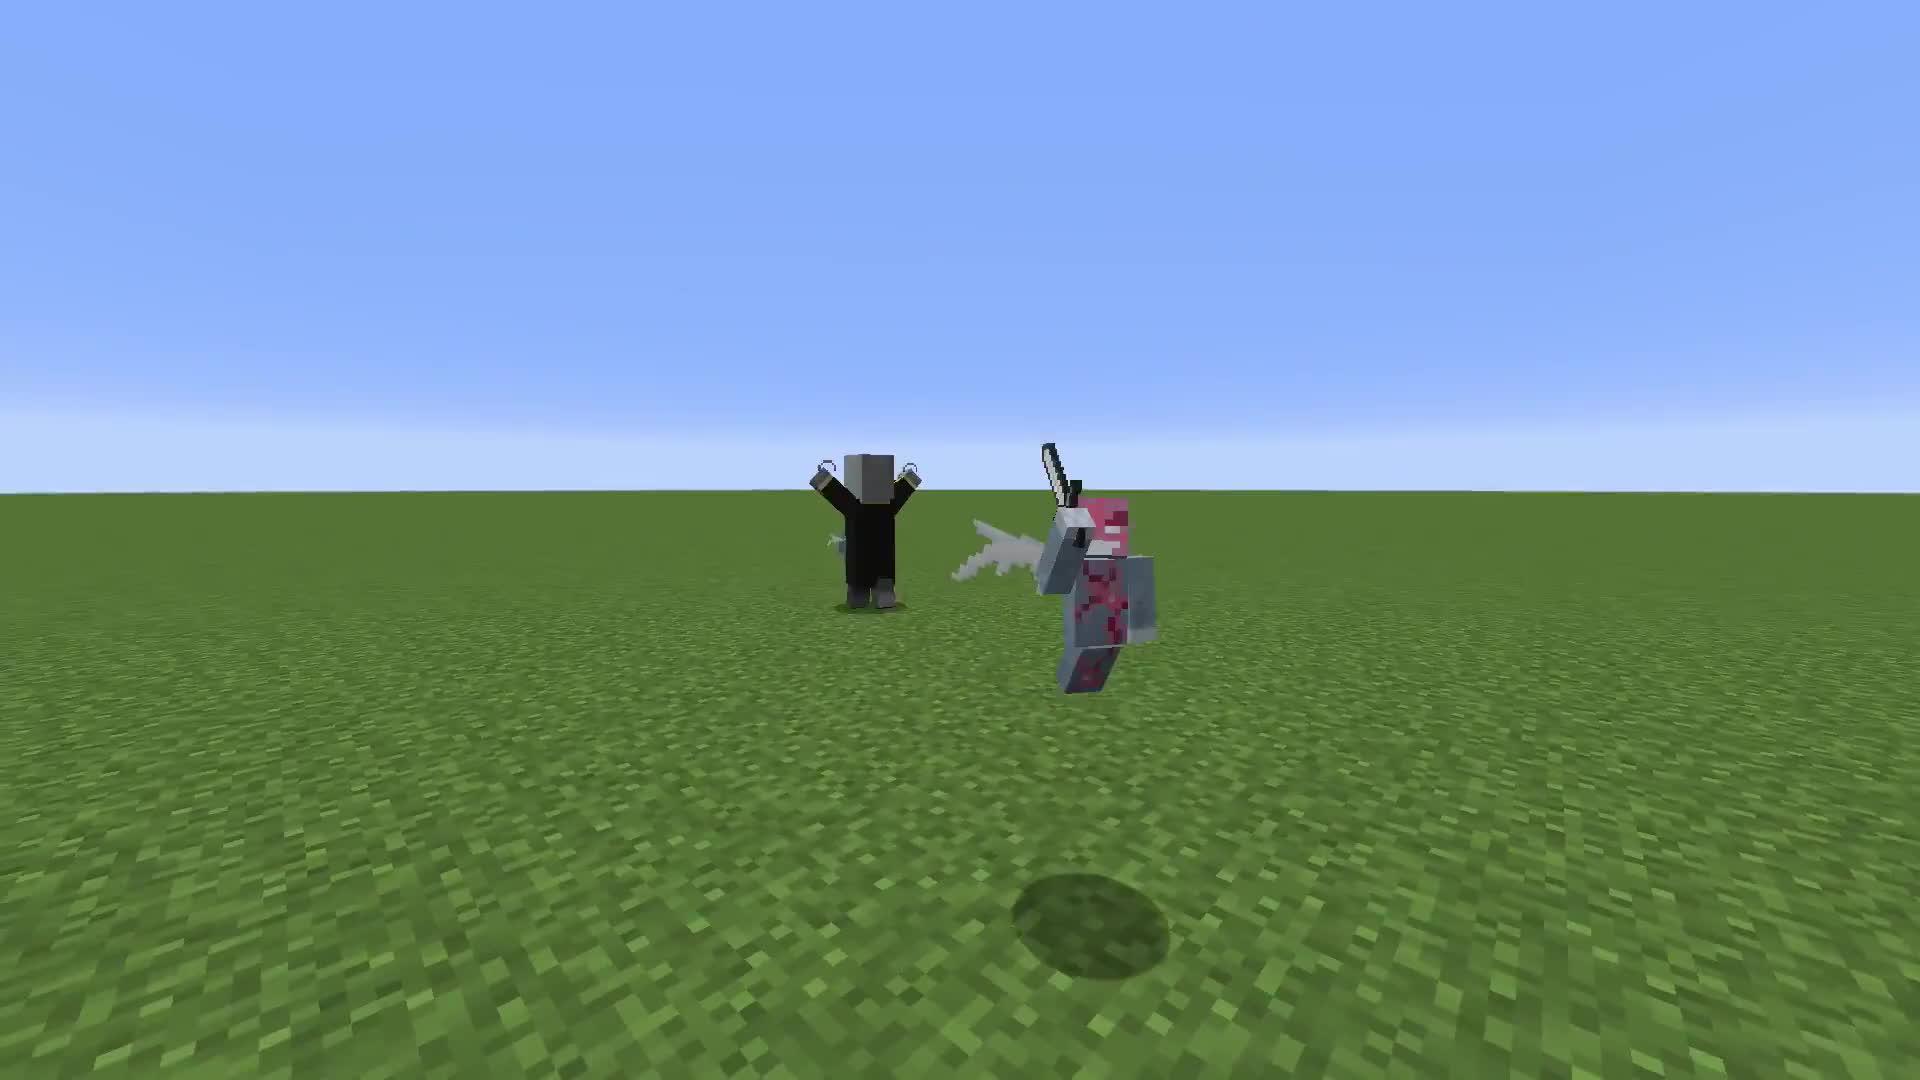 Minecraft, aoe2, minecraft,  GIFs